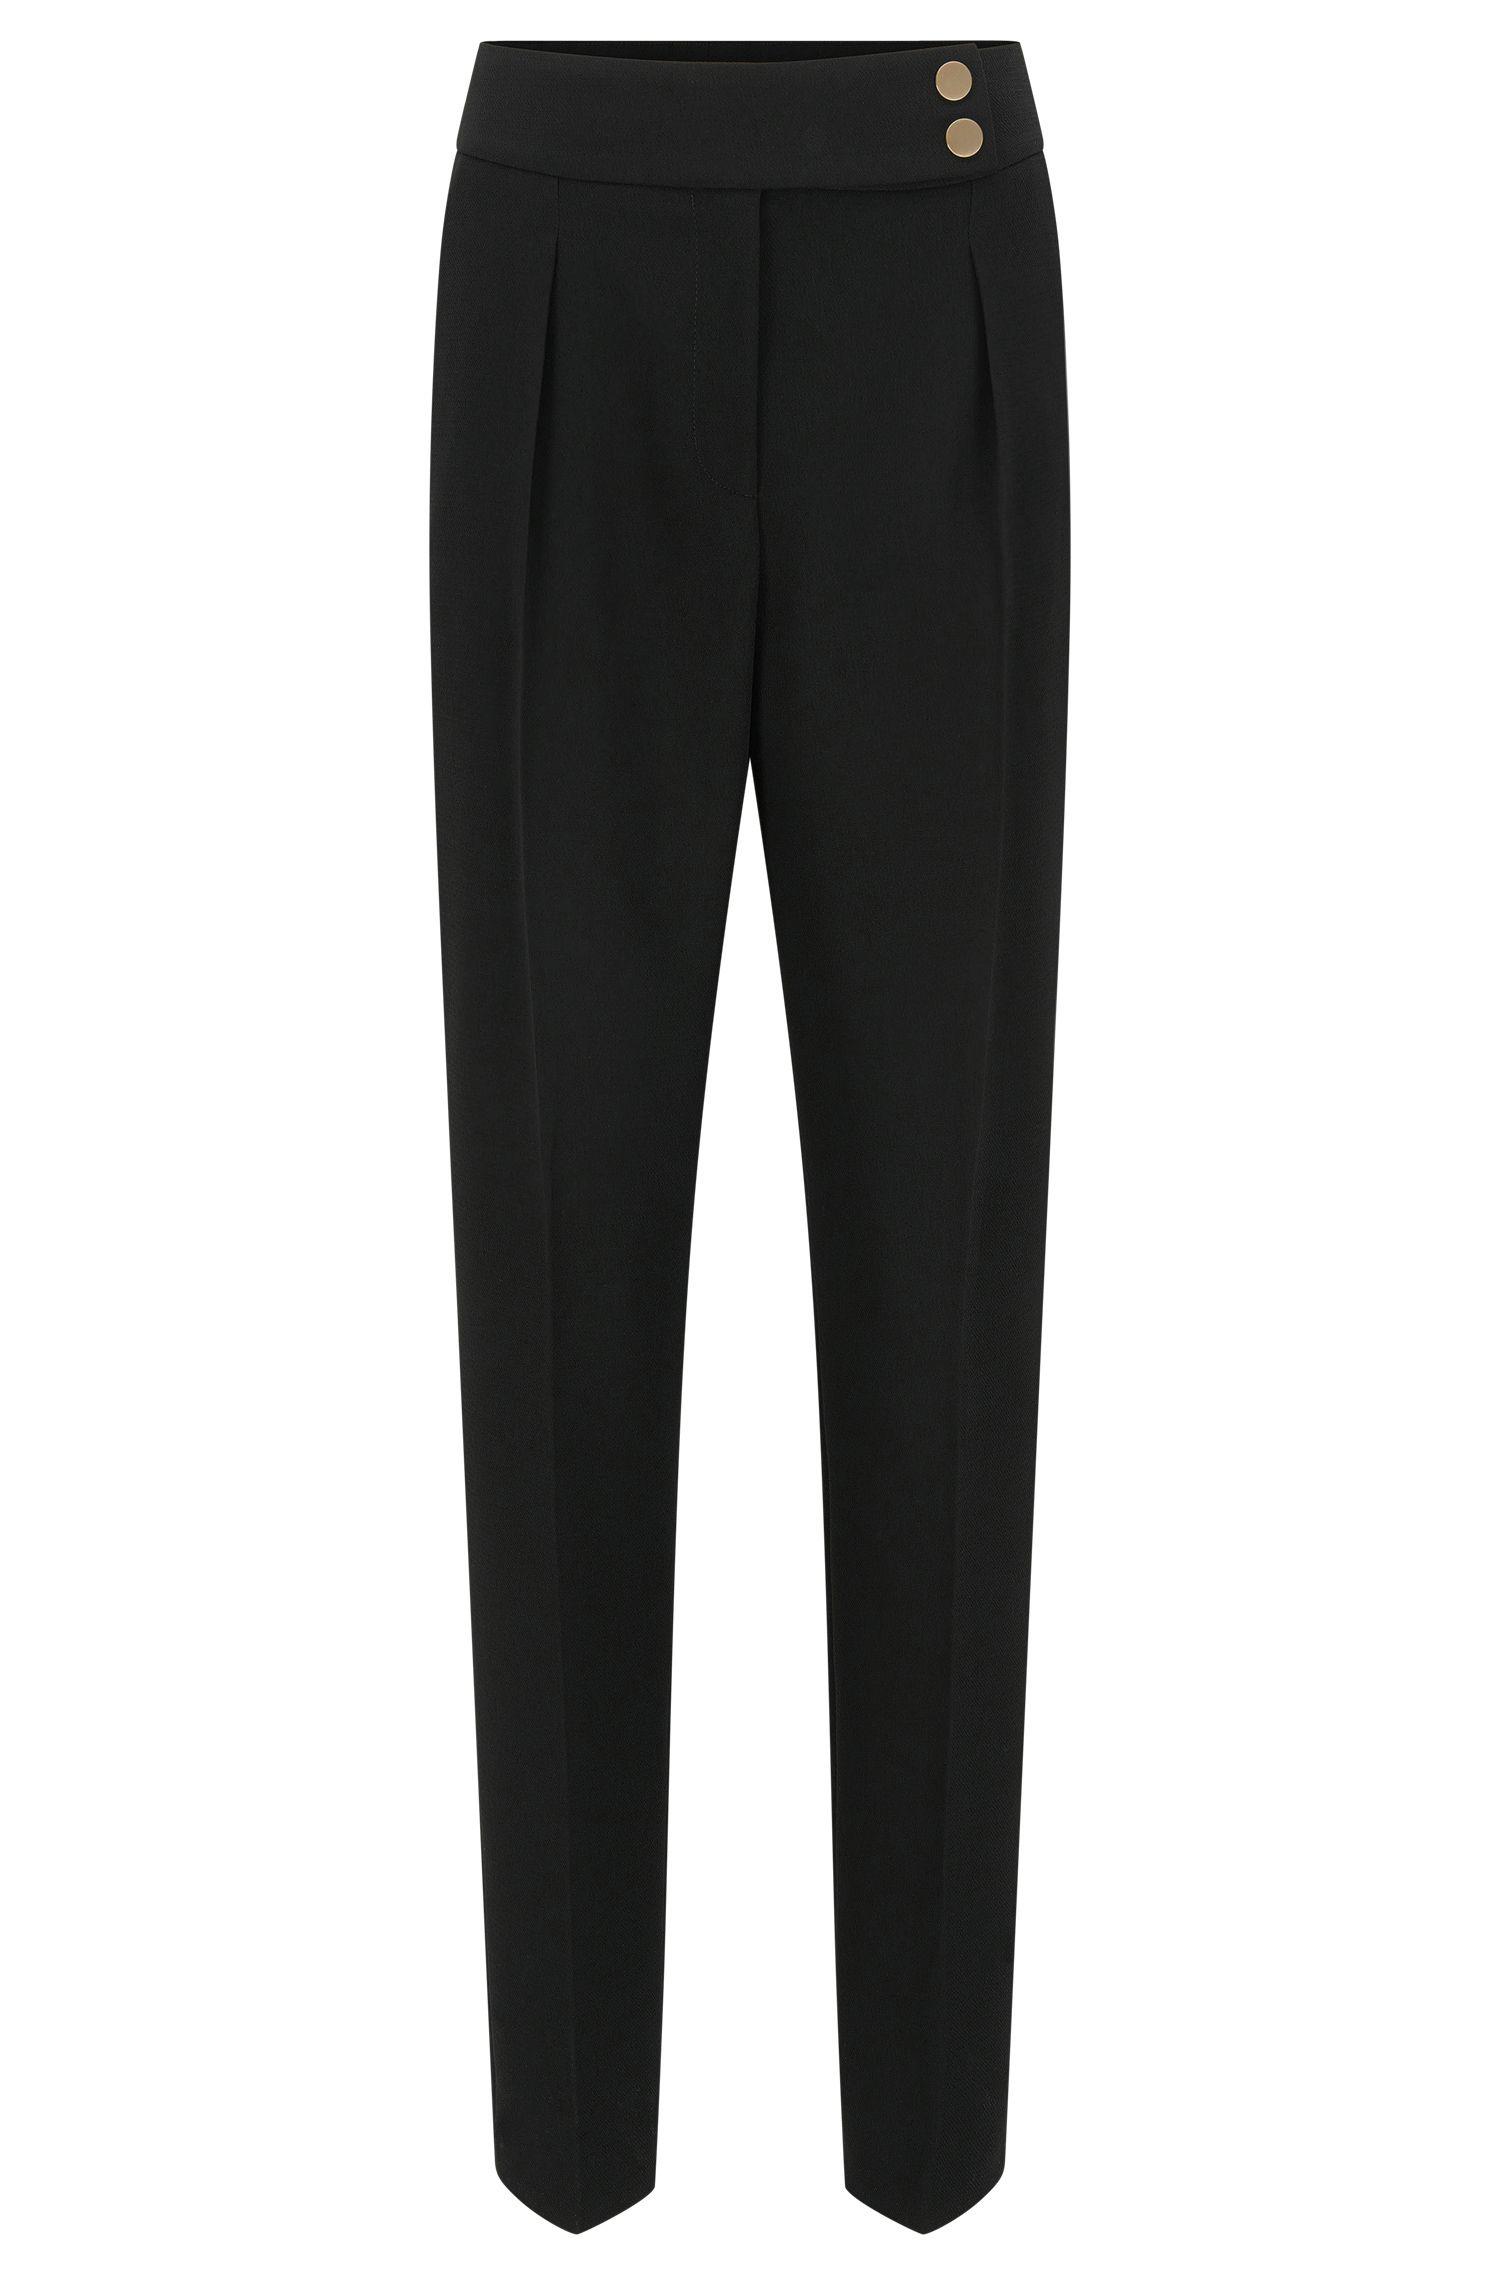 Pantalon taille haute en crêpe léger